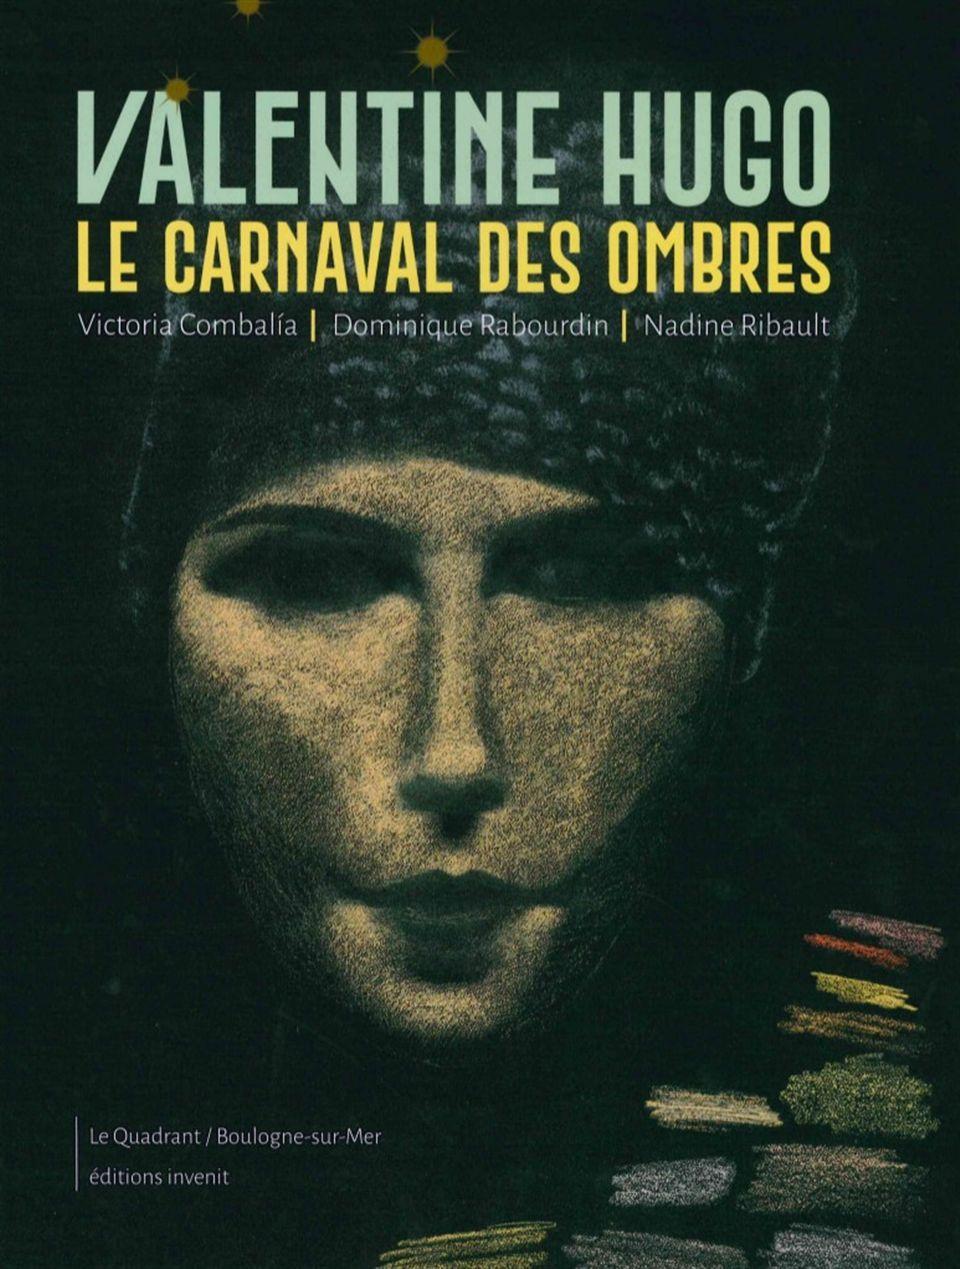 VALENTINE HUGO, LE CARNAVAL DES OMBRES